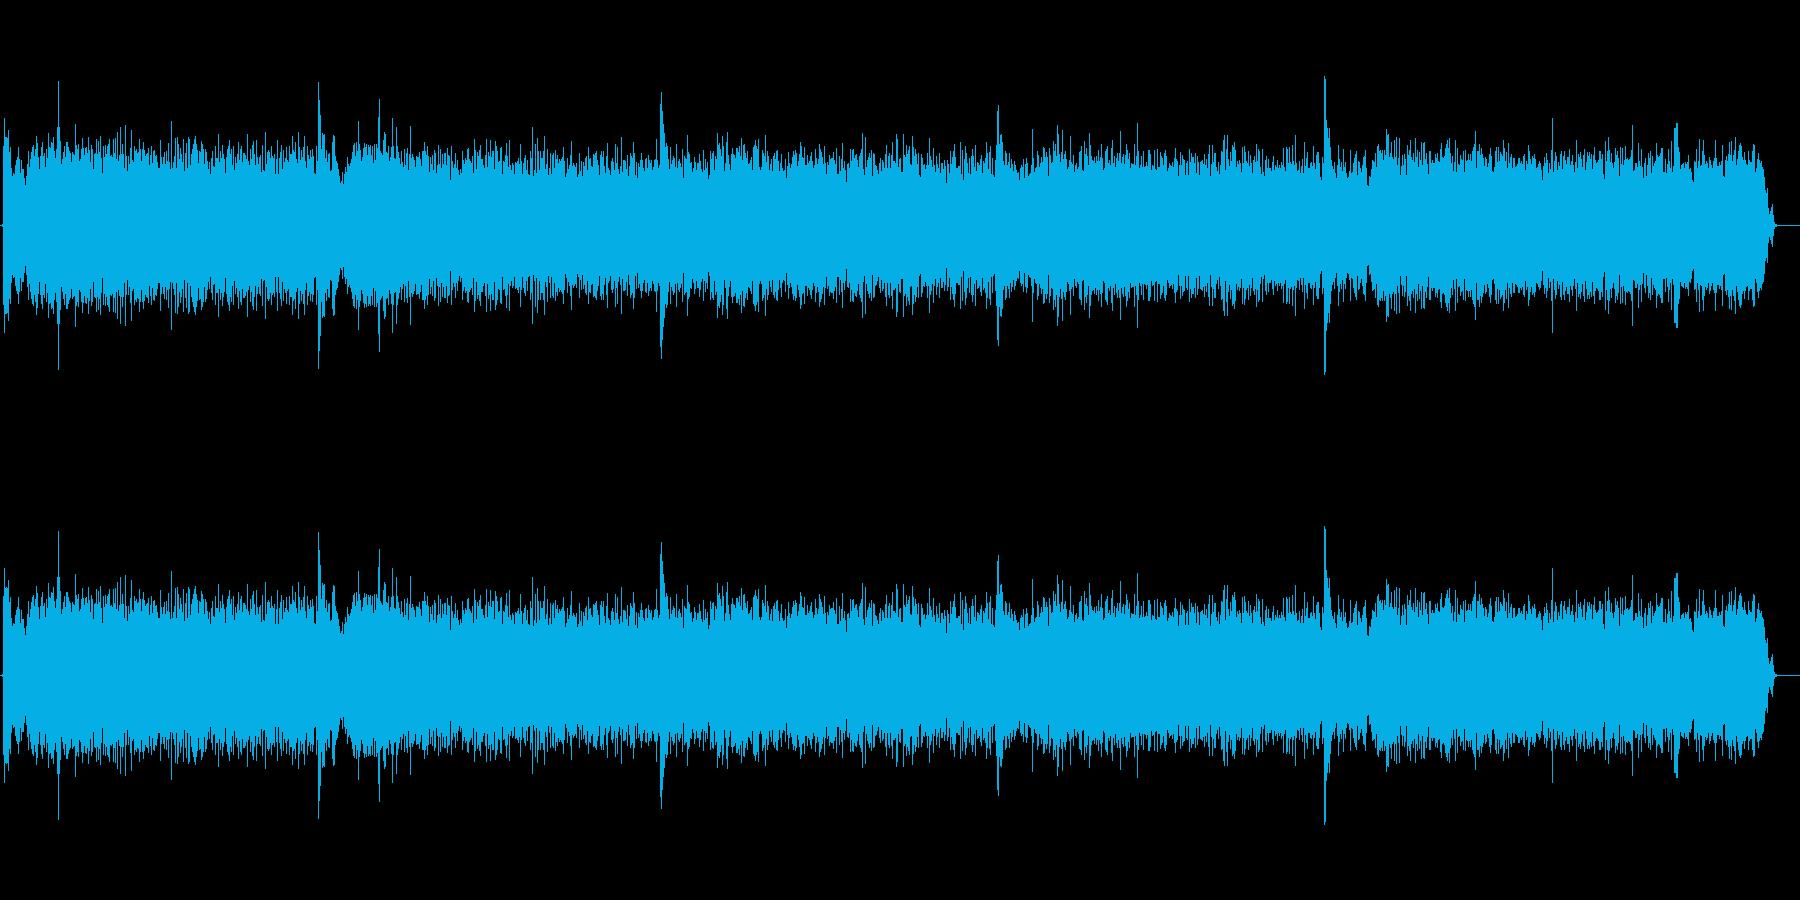 洗濯機の稼動音(ウィーンガタガタ)の再生済みの波形